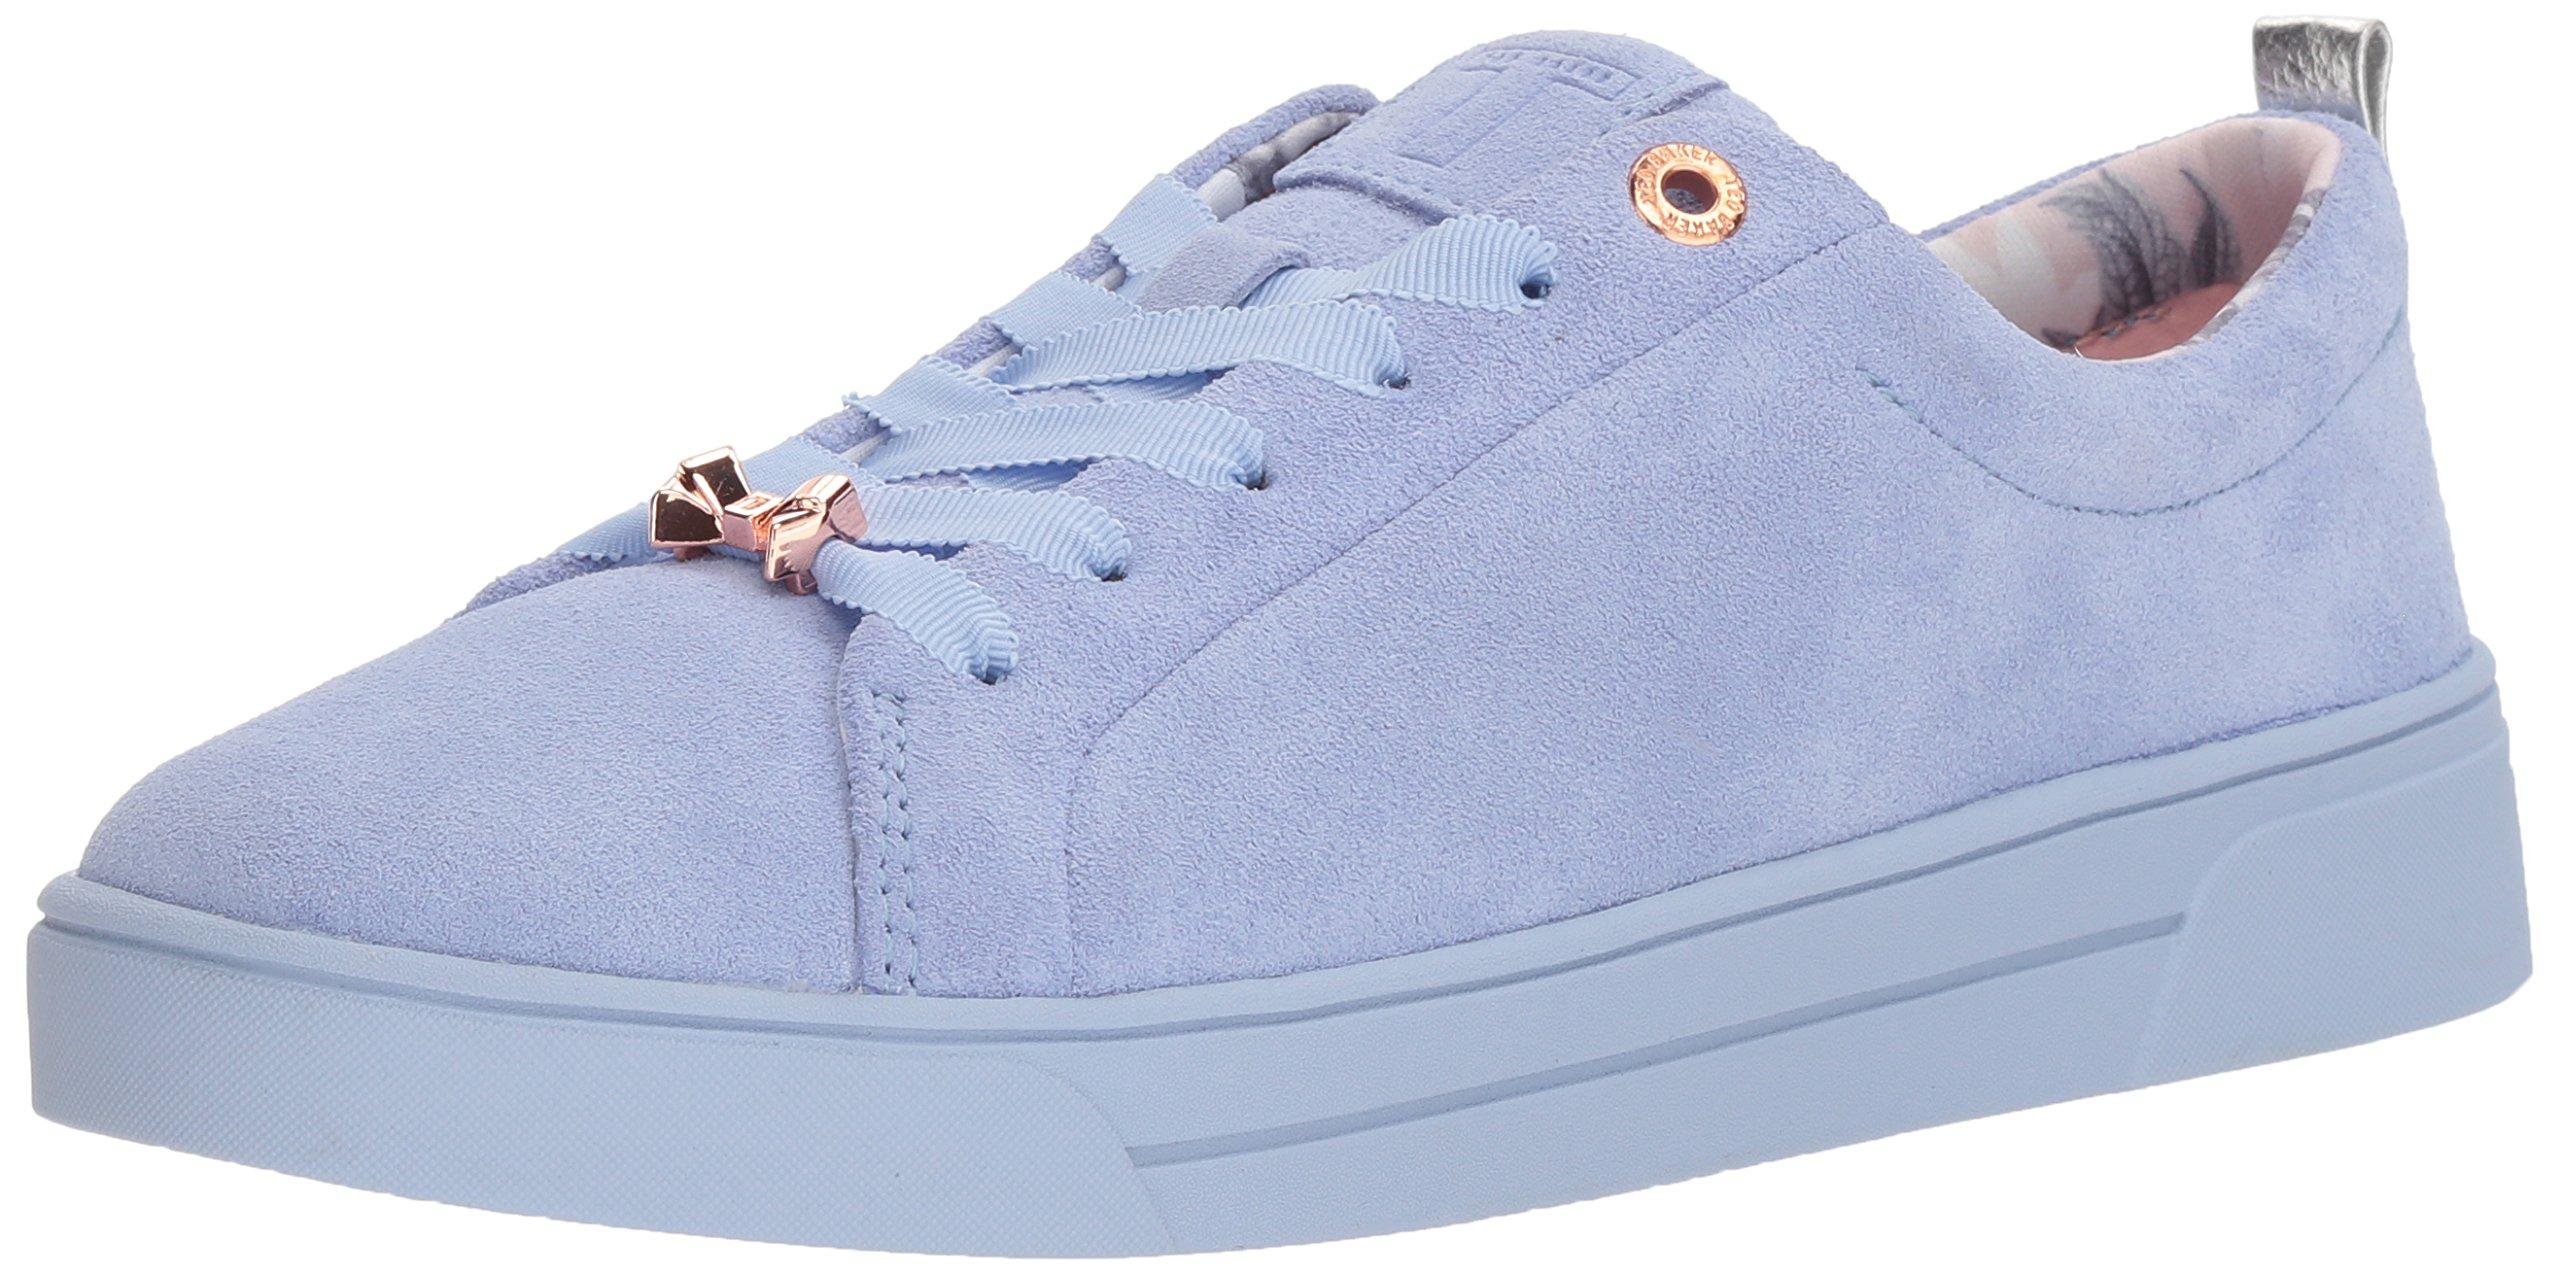 Ted Baker Women's Kellei Sneaker, Light Blue Suede, 8 Medium US